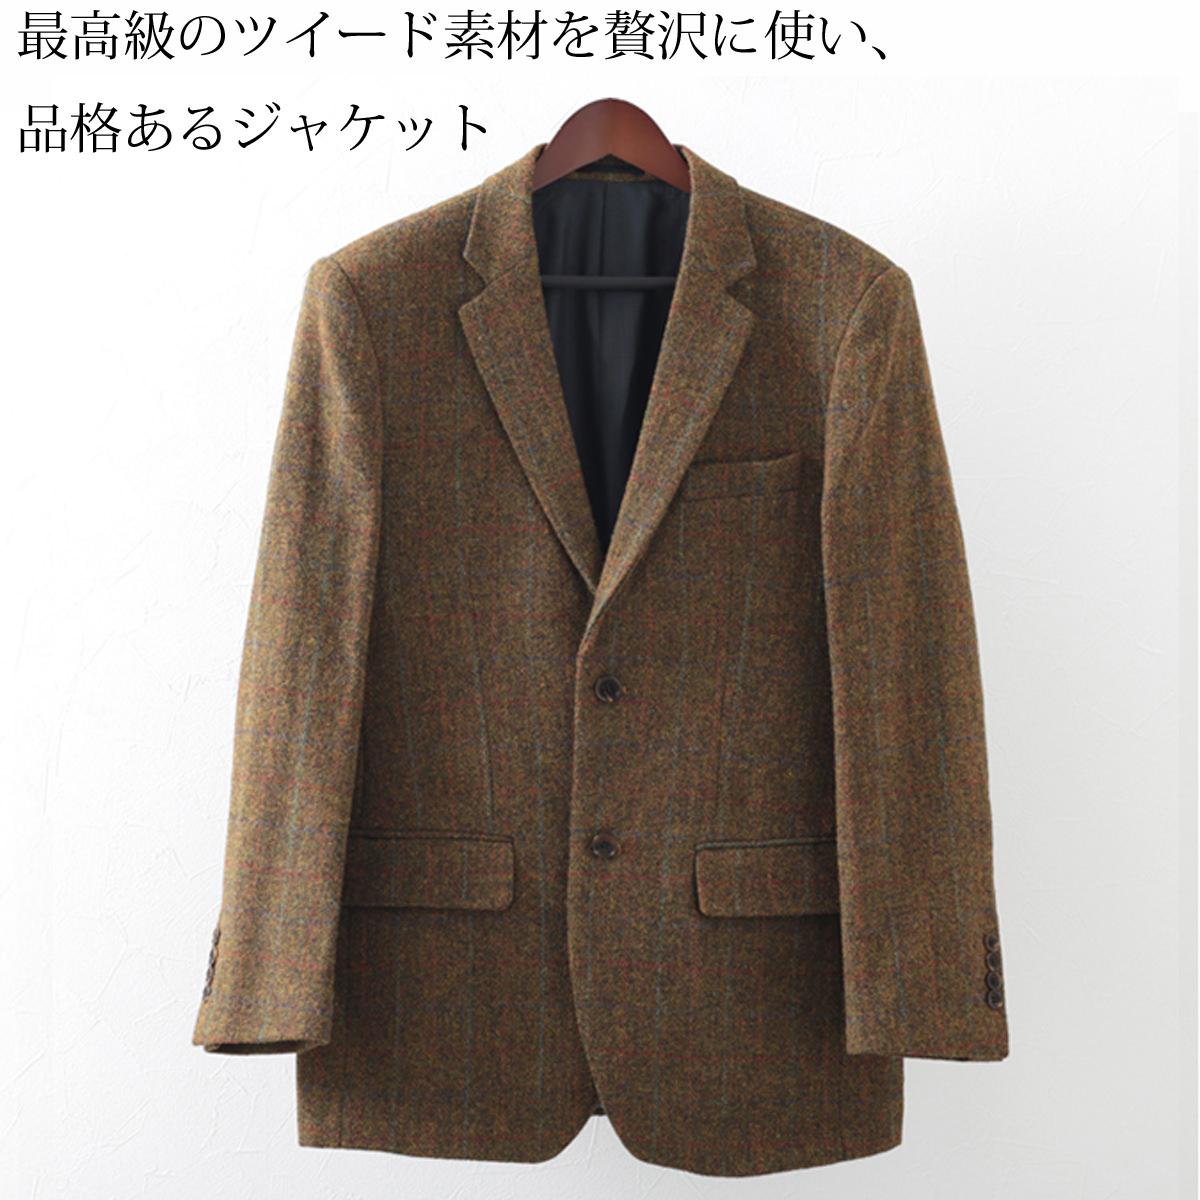 ハリスツイード メンズ ウールジャケット Harris Tweed Clothing チェック ピュア ファイン ウール メンズ Pure Fine Wool Jacket